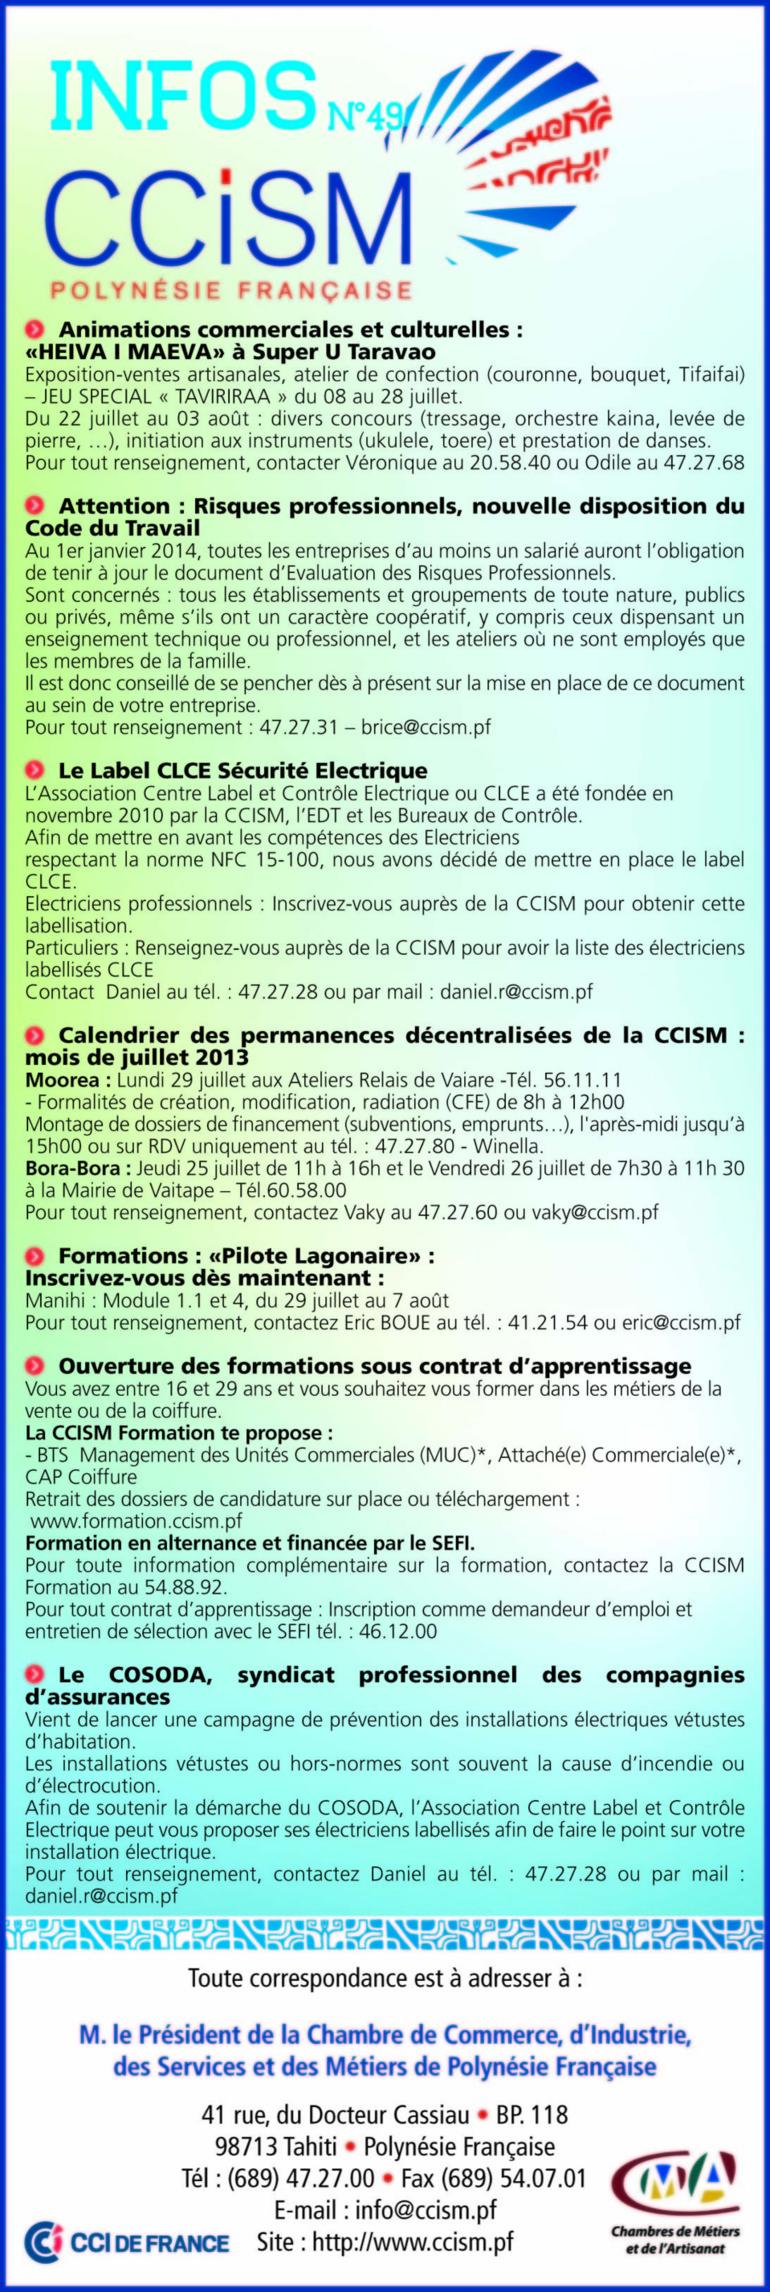 Infos CCISM N°49